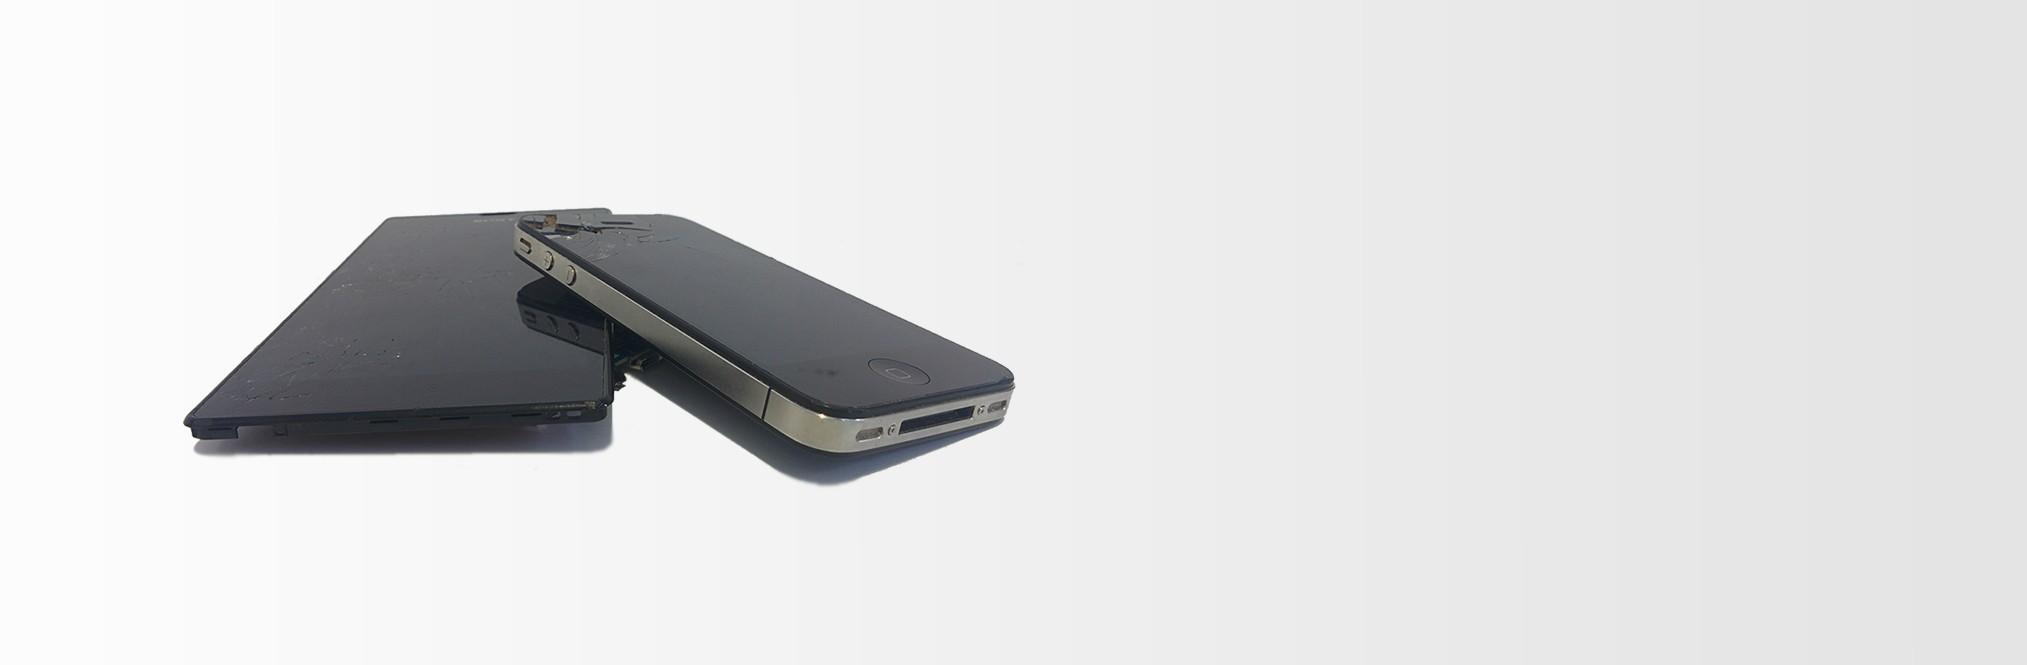 Repara tu Smartphone o Tablet